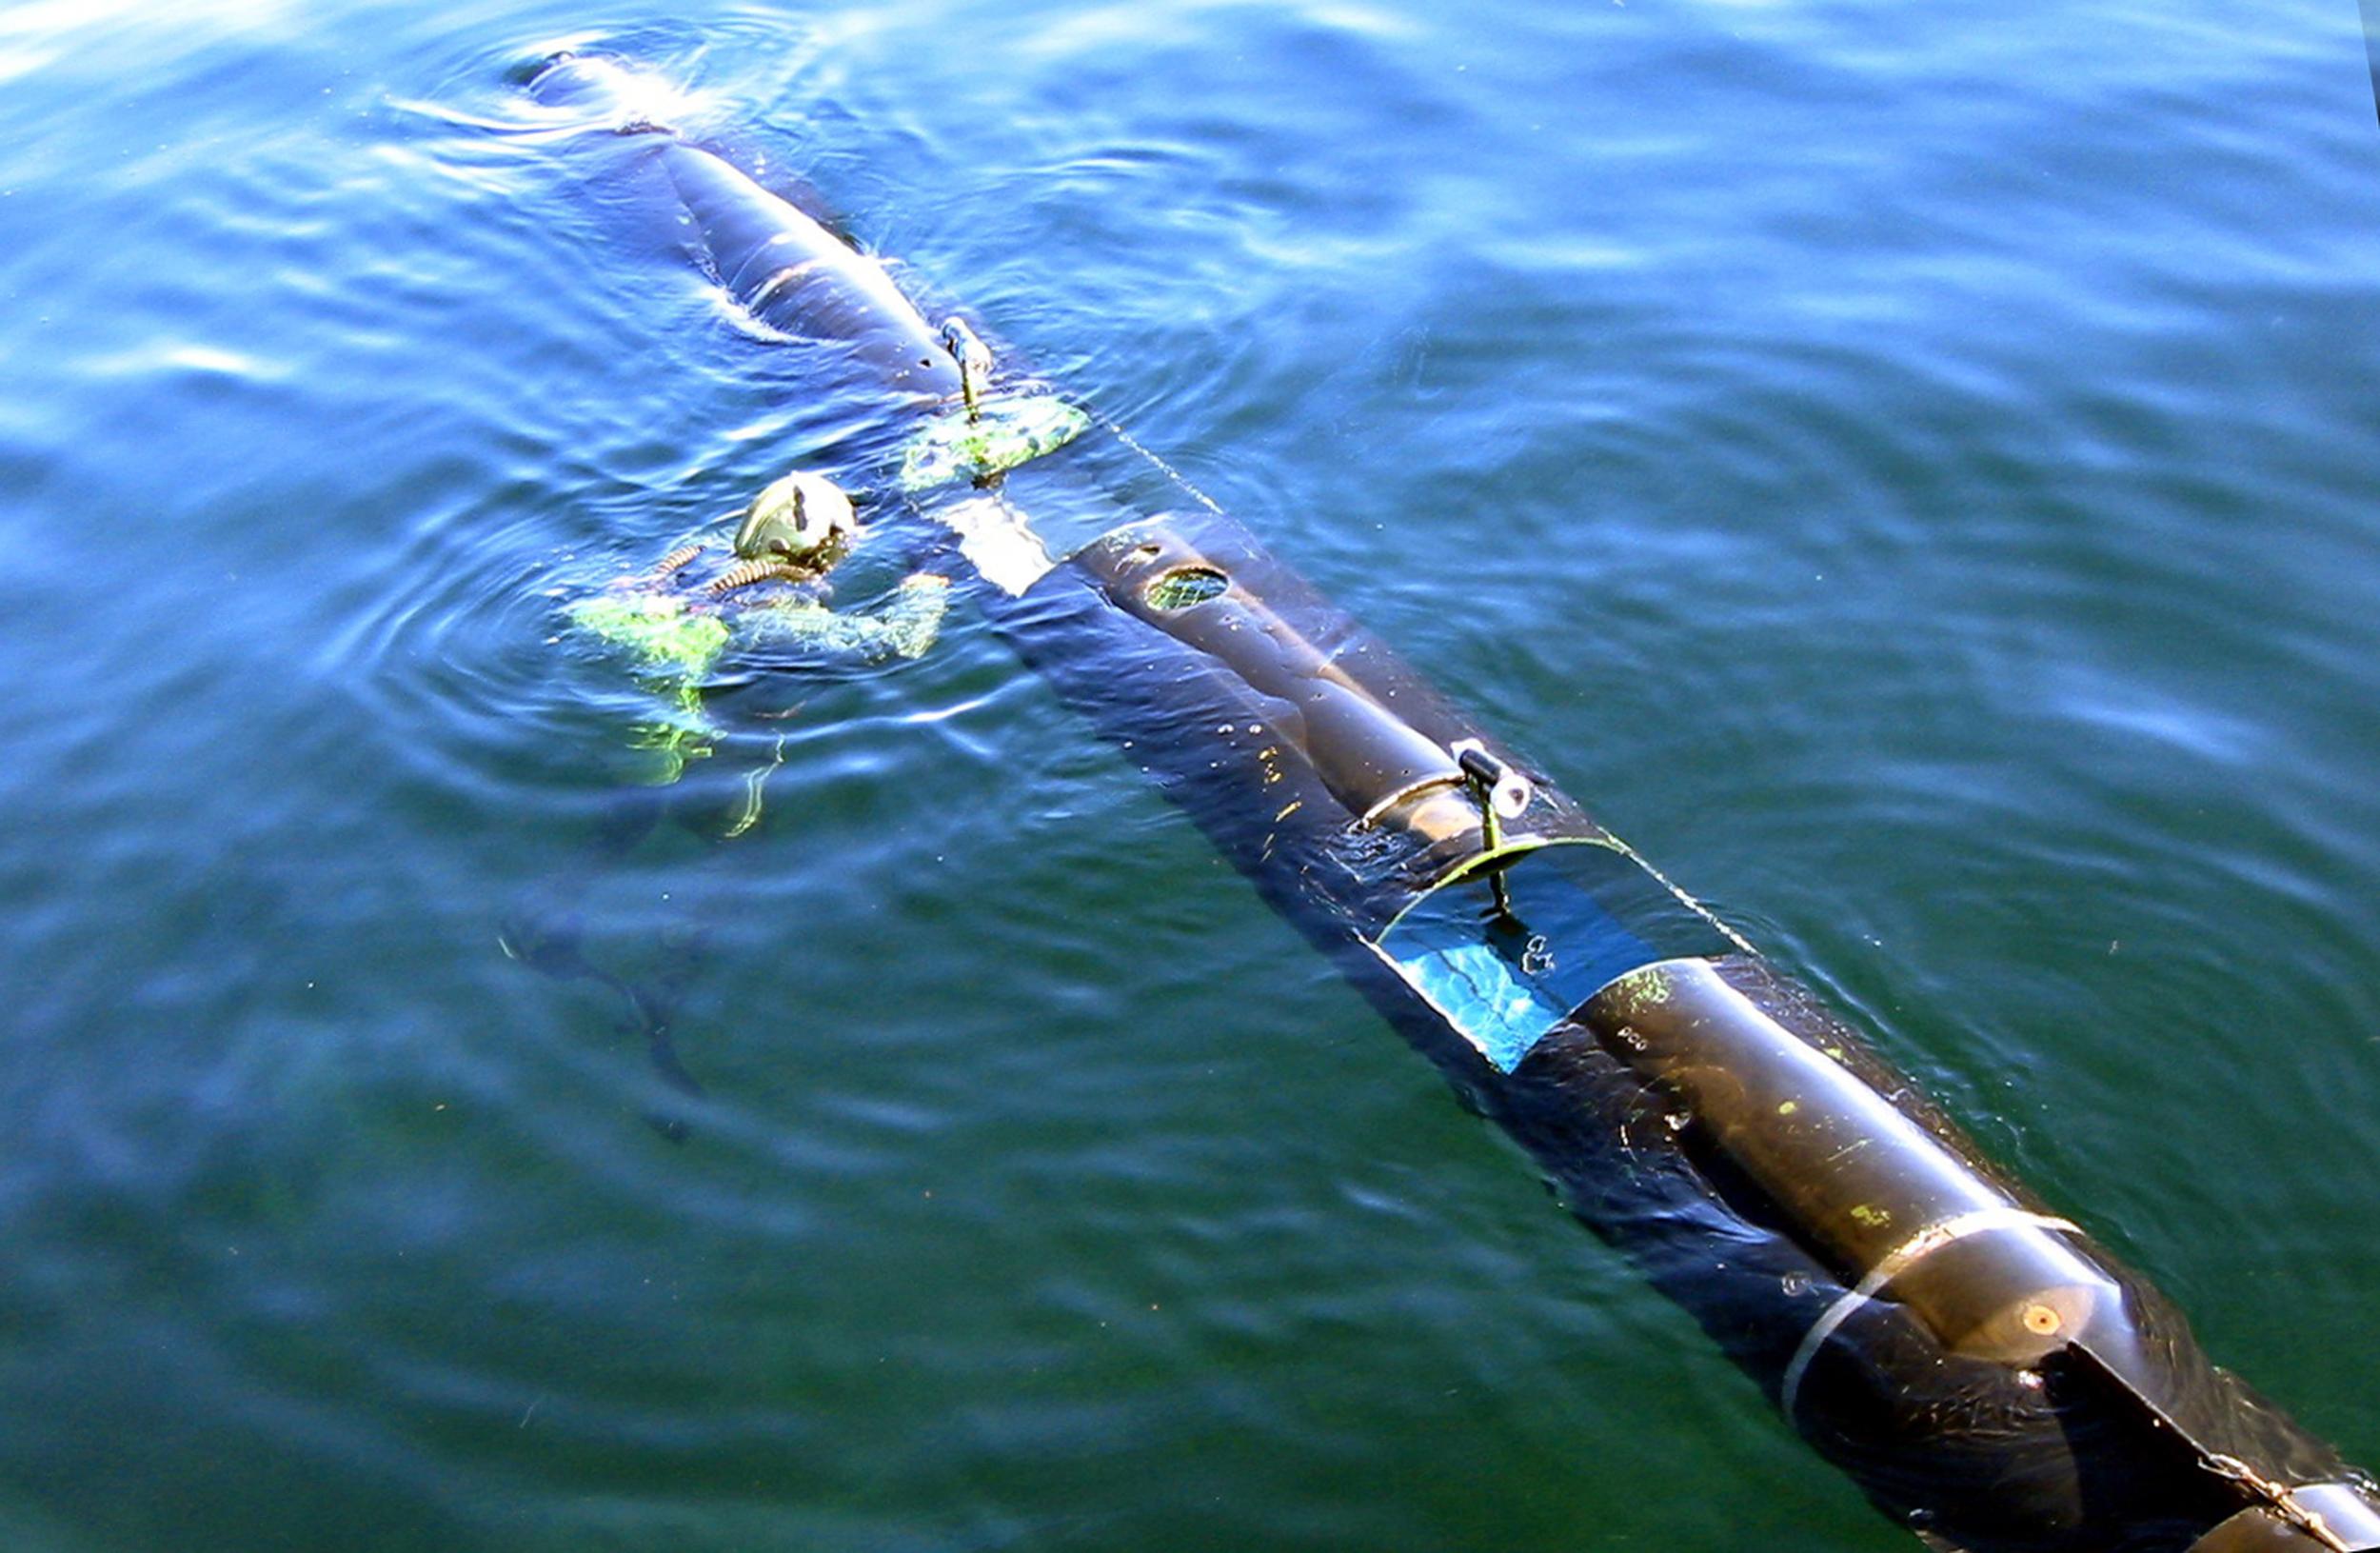 Sirenas konstruktion är based på torpedteknik och kan slussas via torpedtuber på större ubåtar. Källa: wikimedia.org